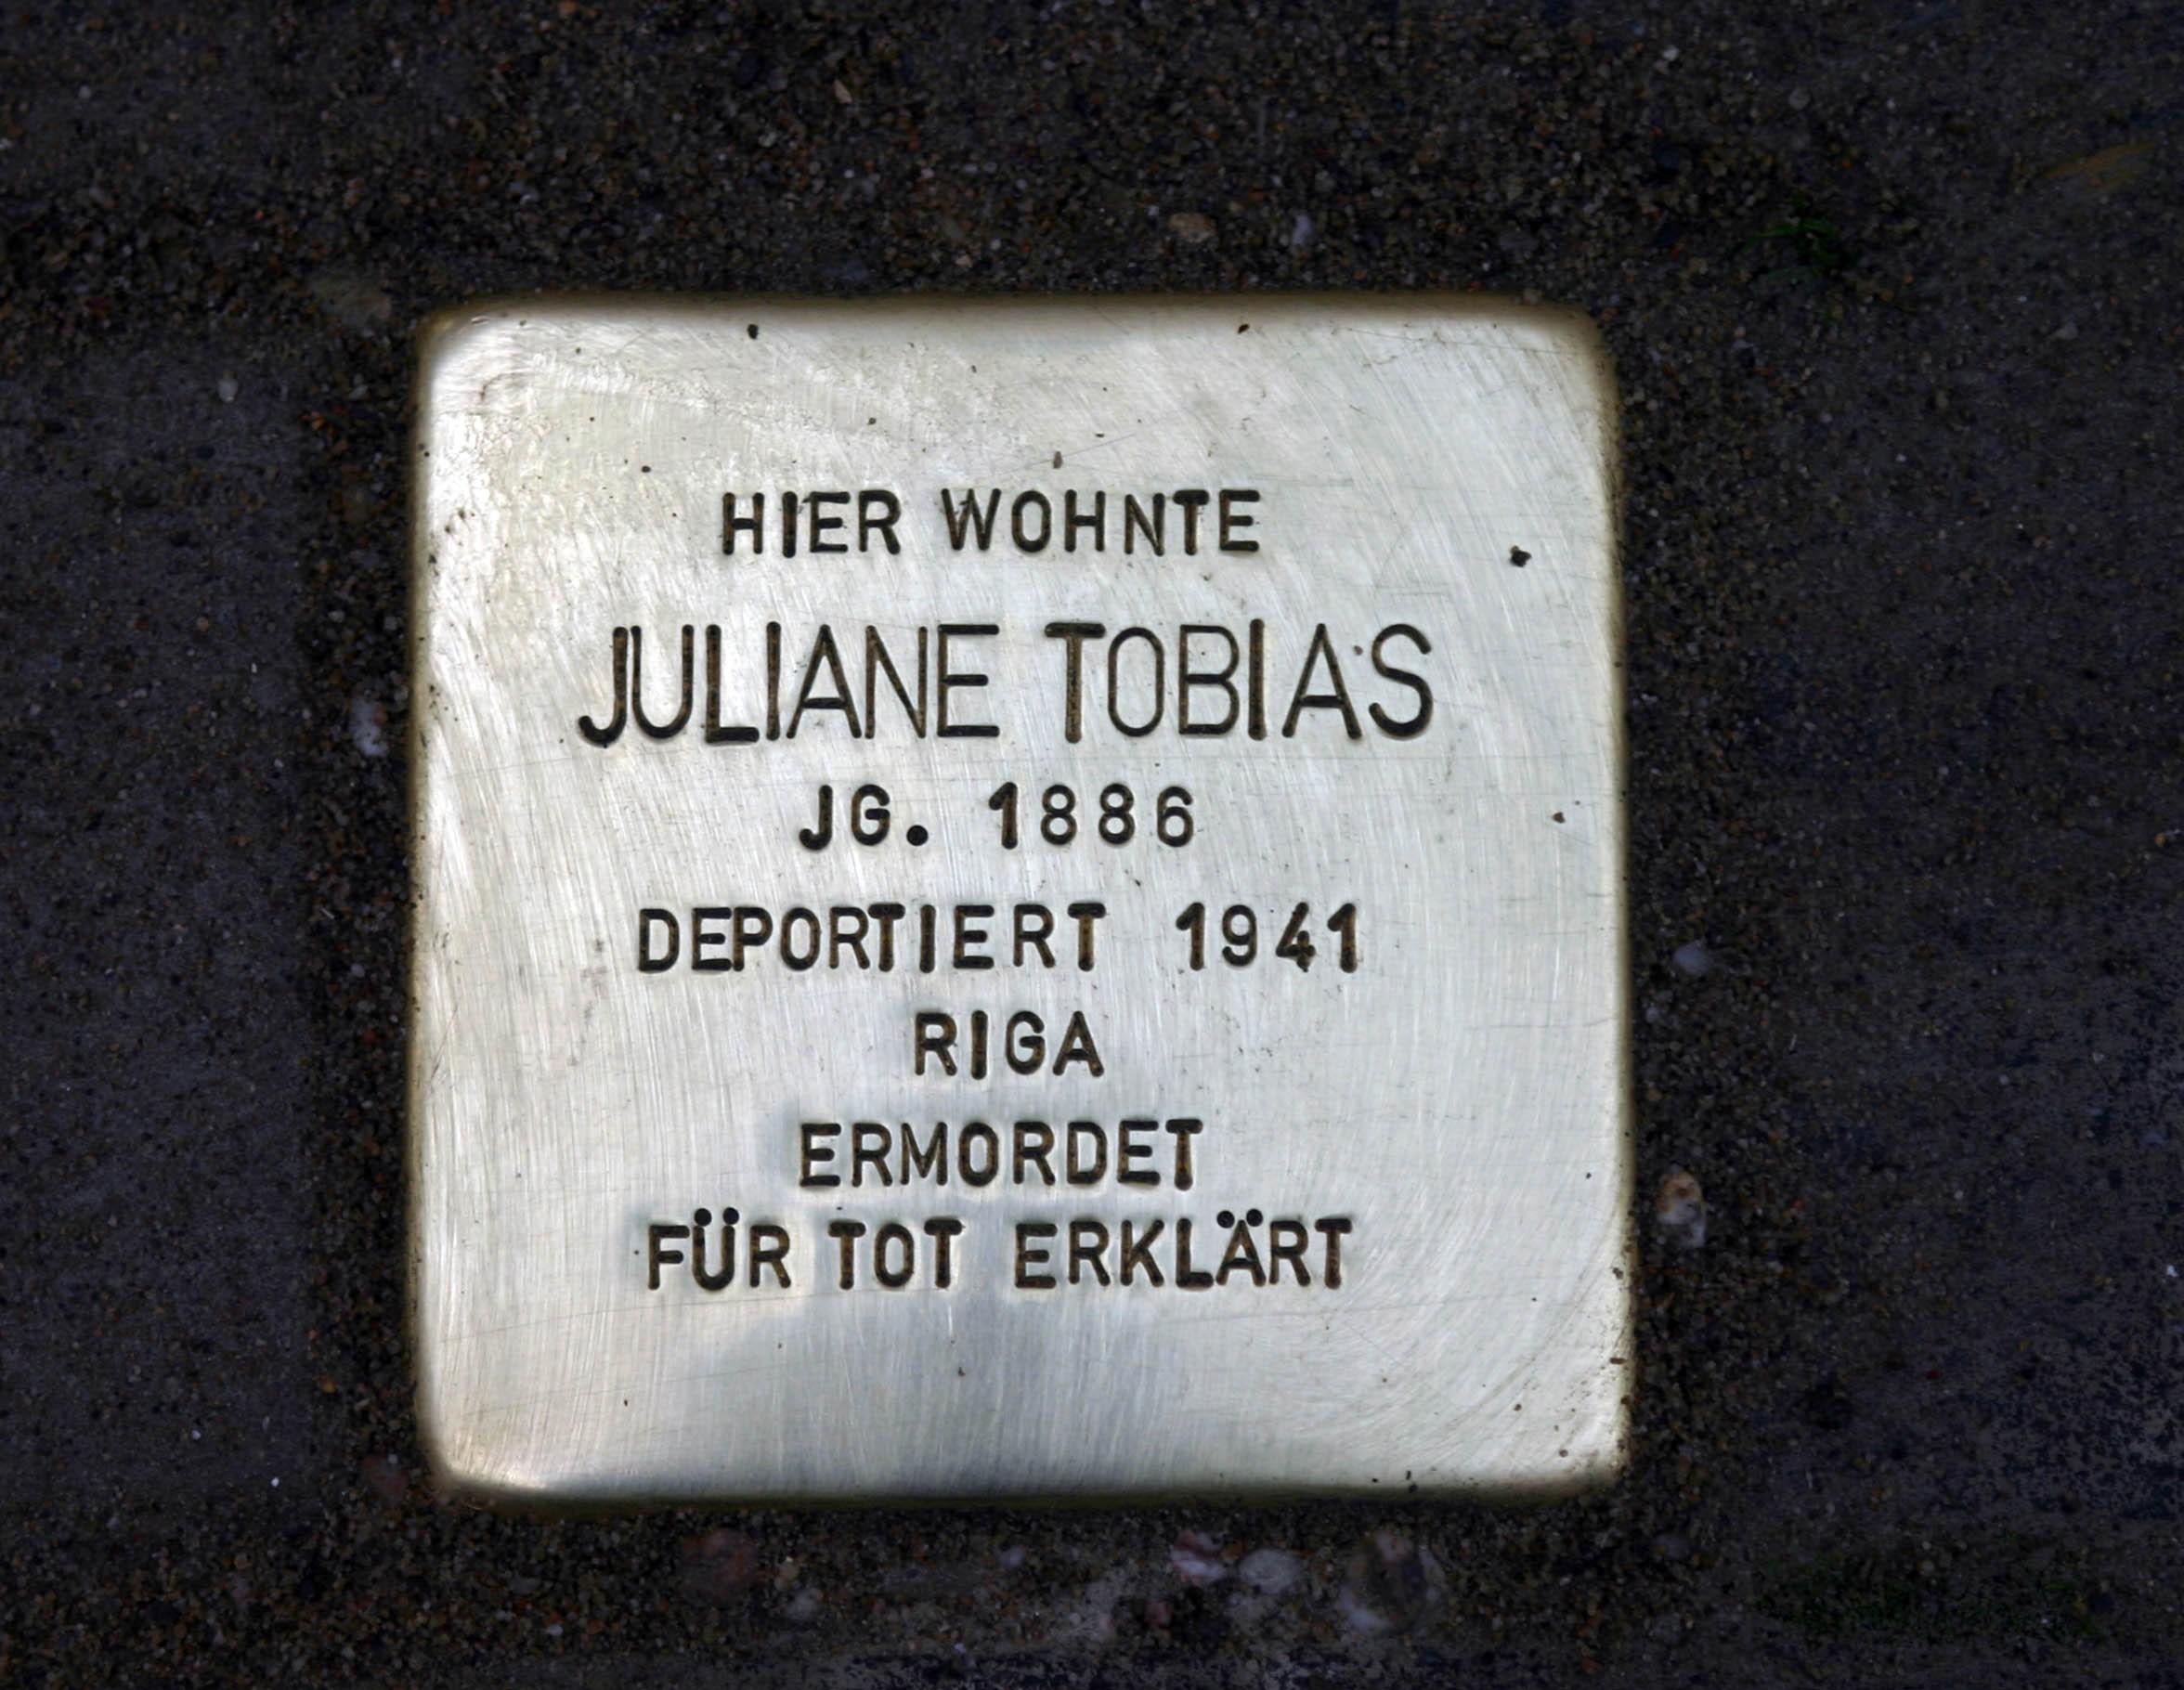 Stolperstein für Juliane Tobias in Mülheim